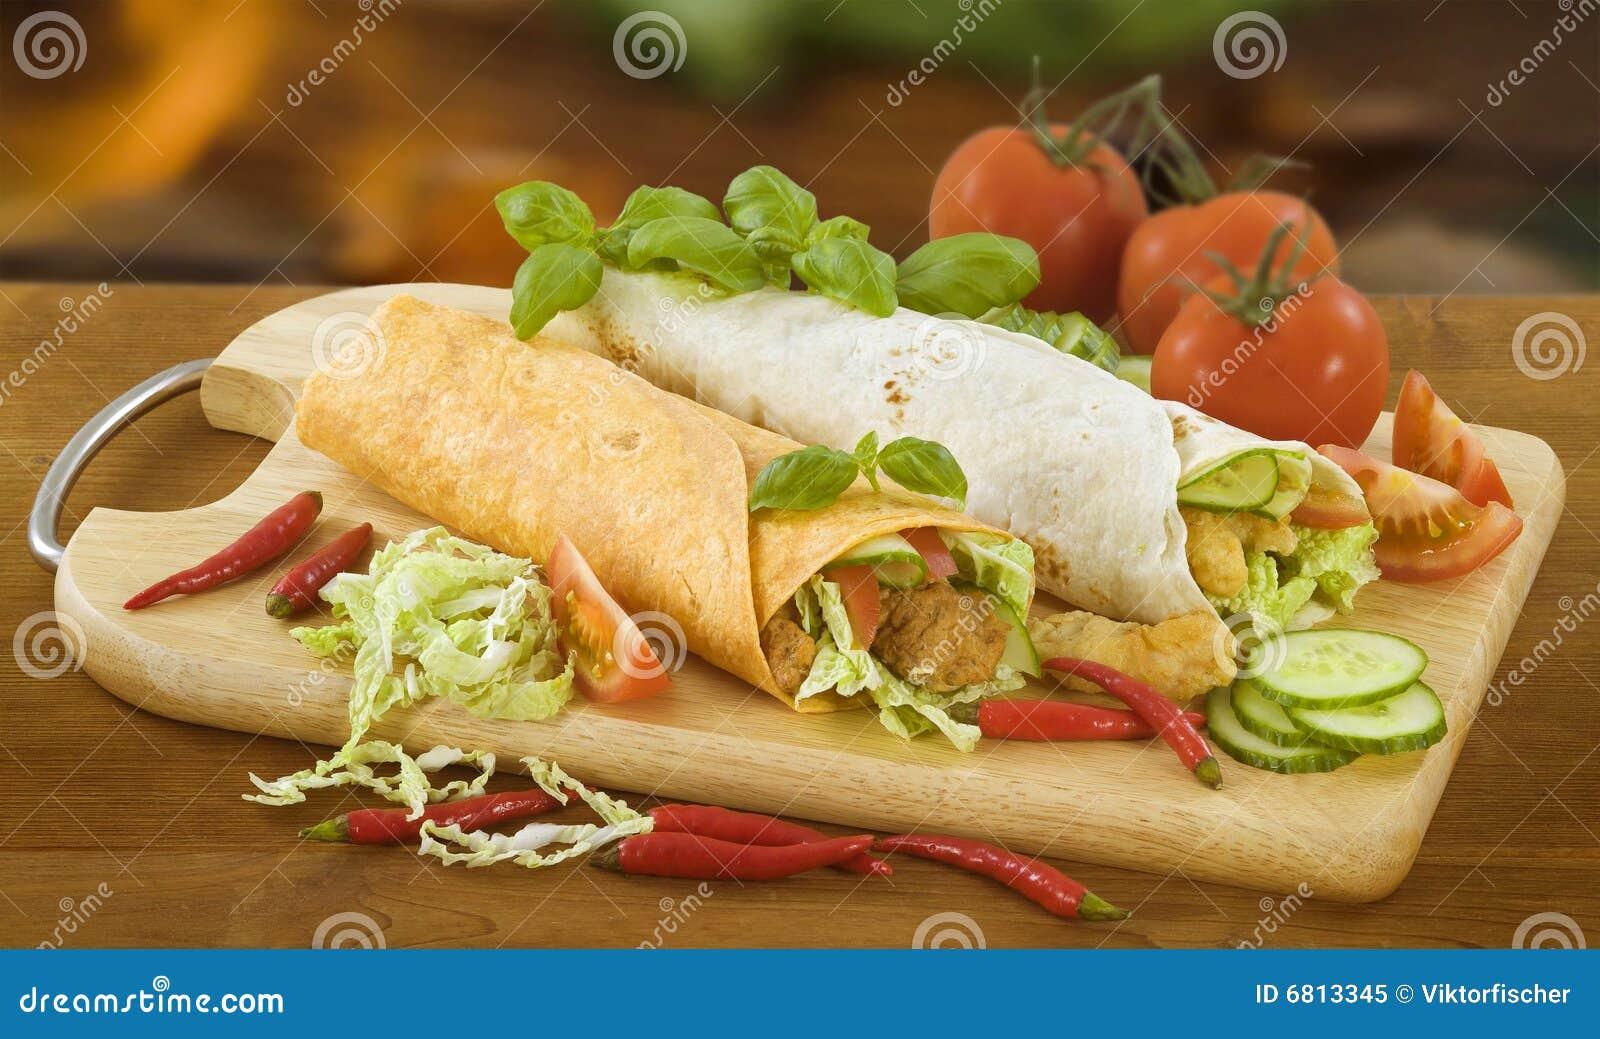 mit gemüse und fleisch gefüllte tortilla